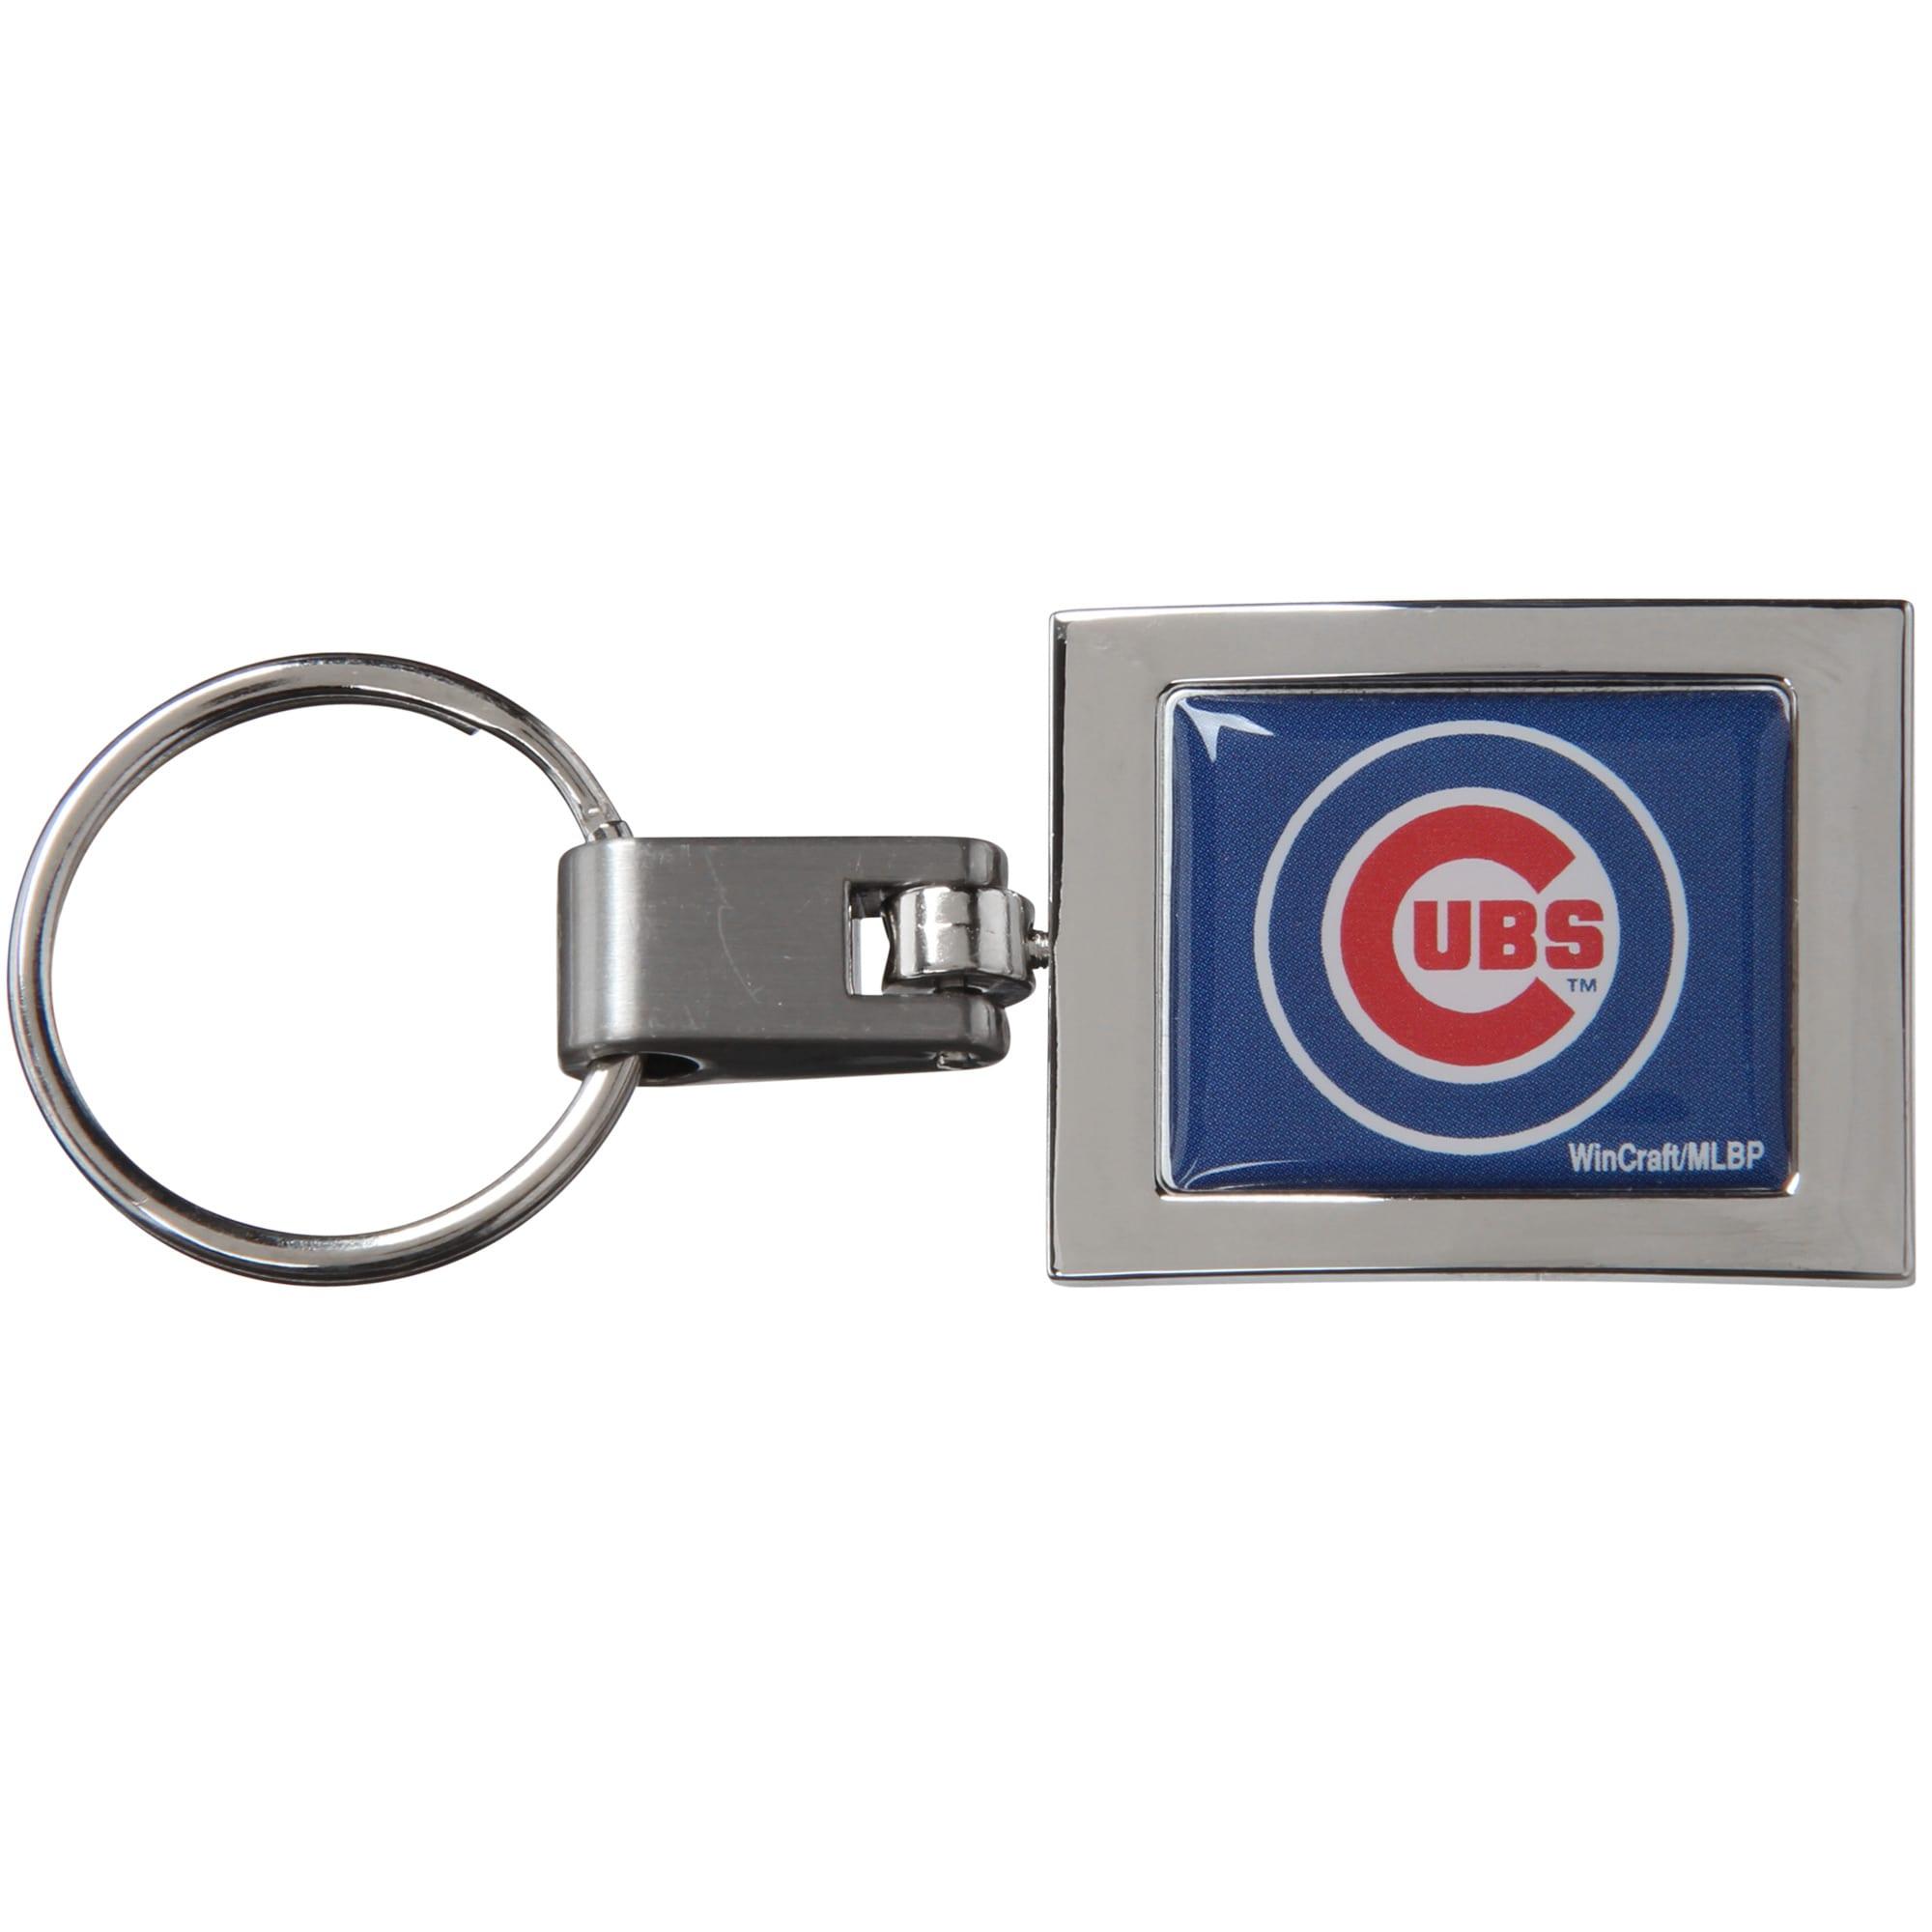 Chicago Cubs WinCraft Premium Metal Key Ring